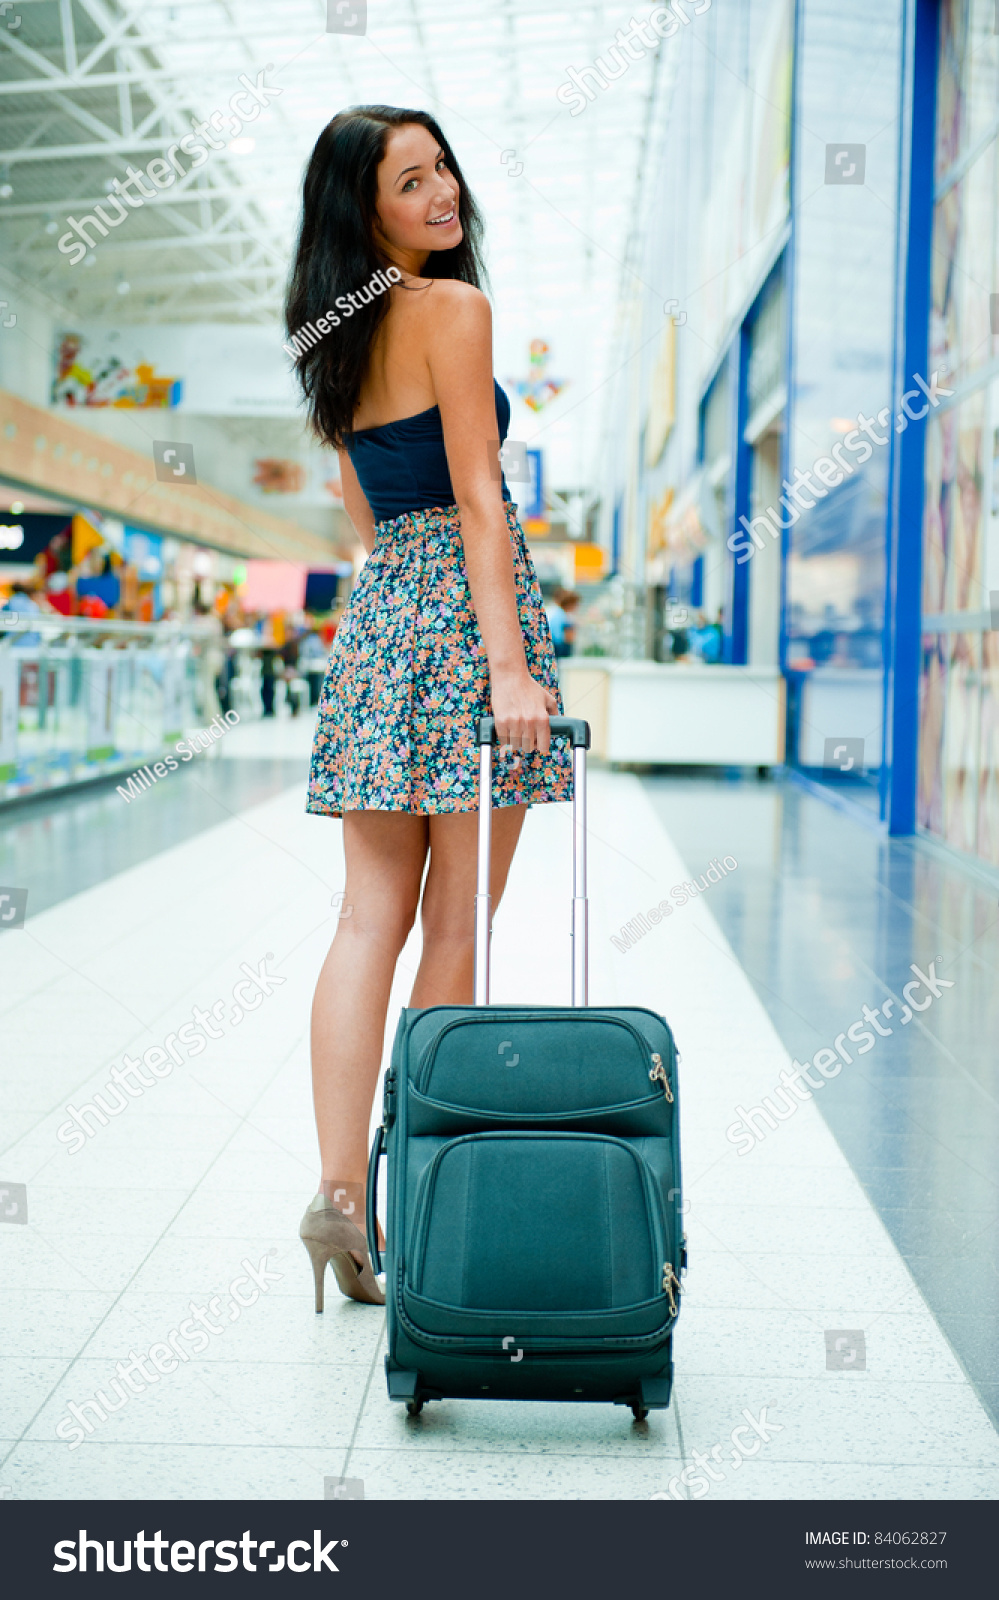 Young Pretty Stylish Woman Luggage International Stock Photo ...